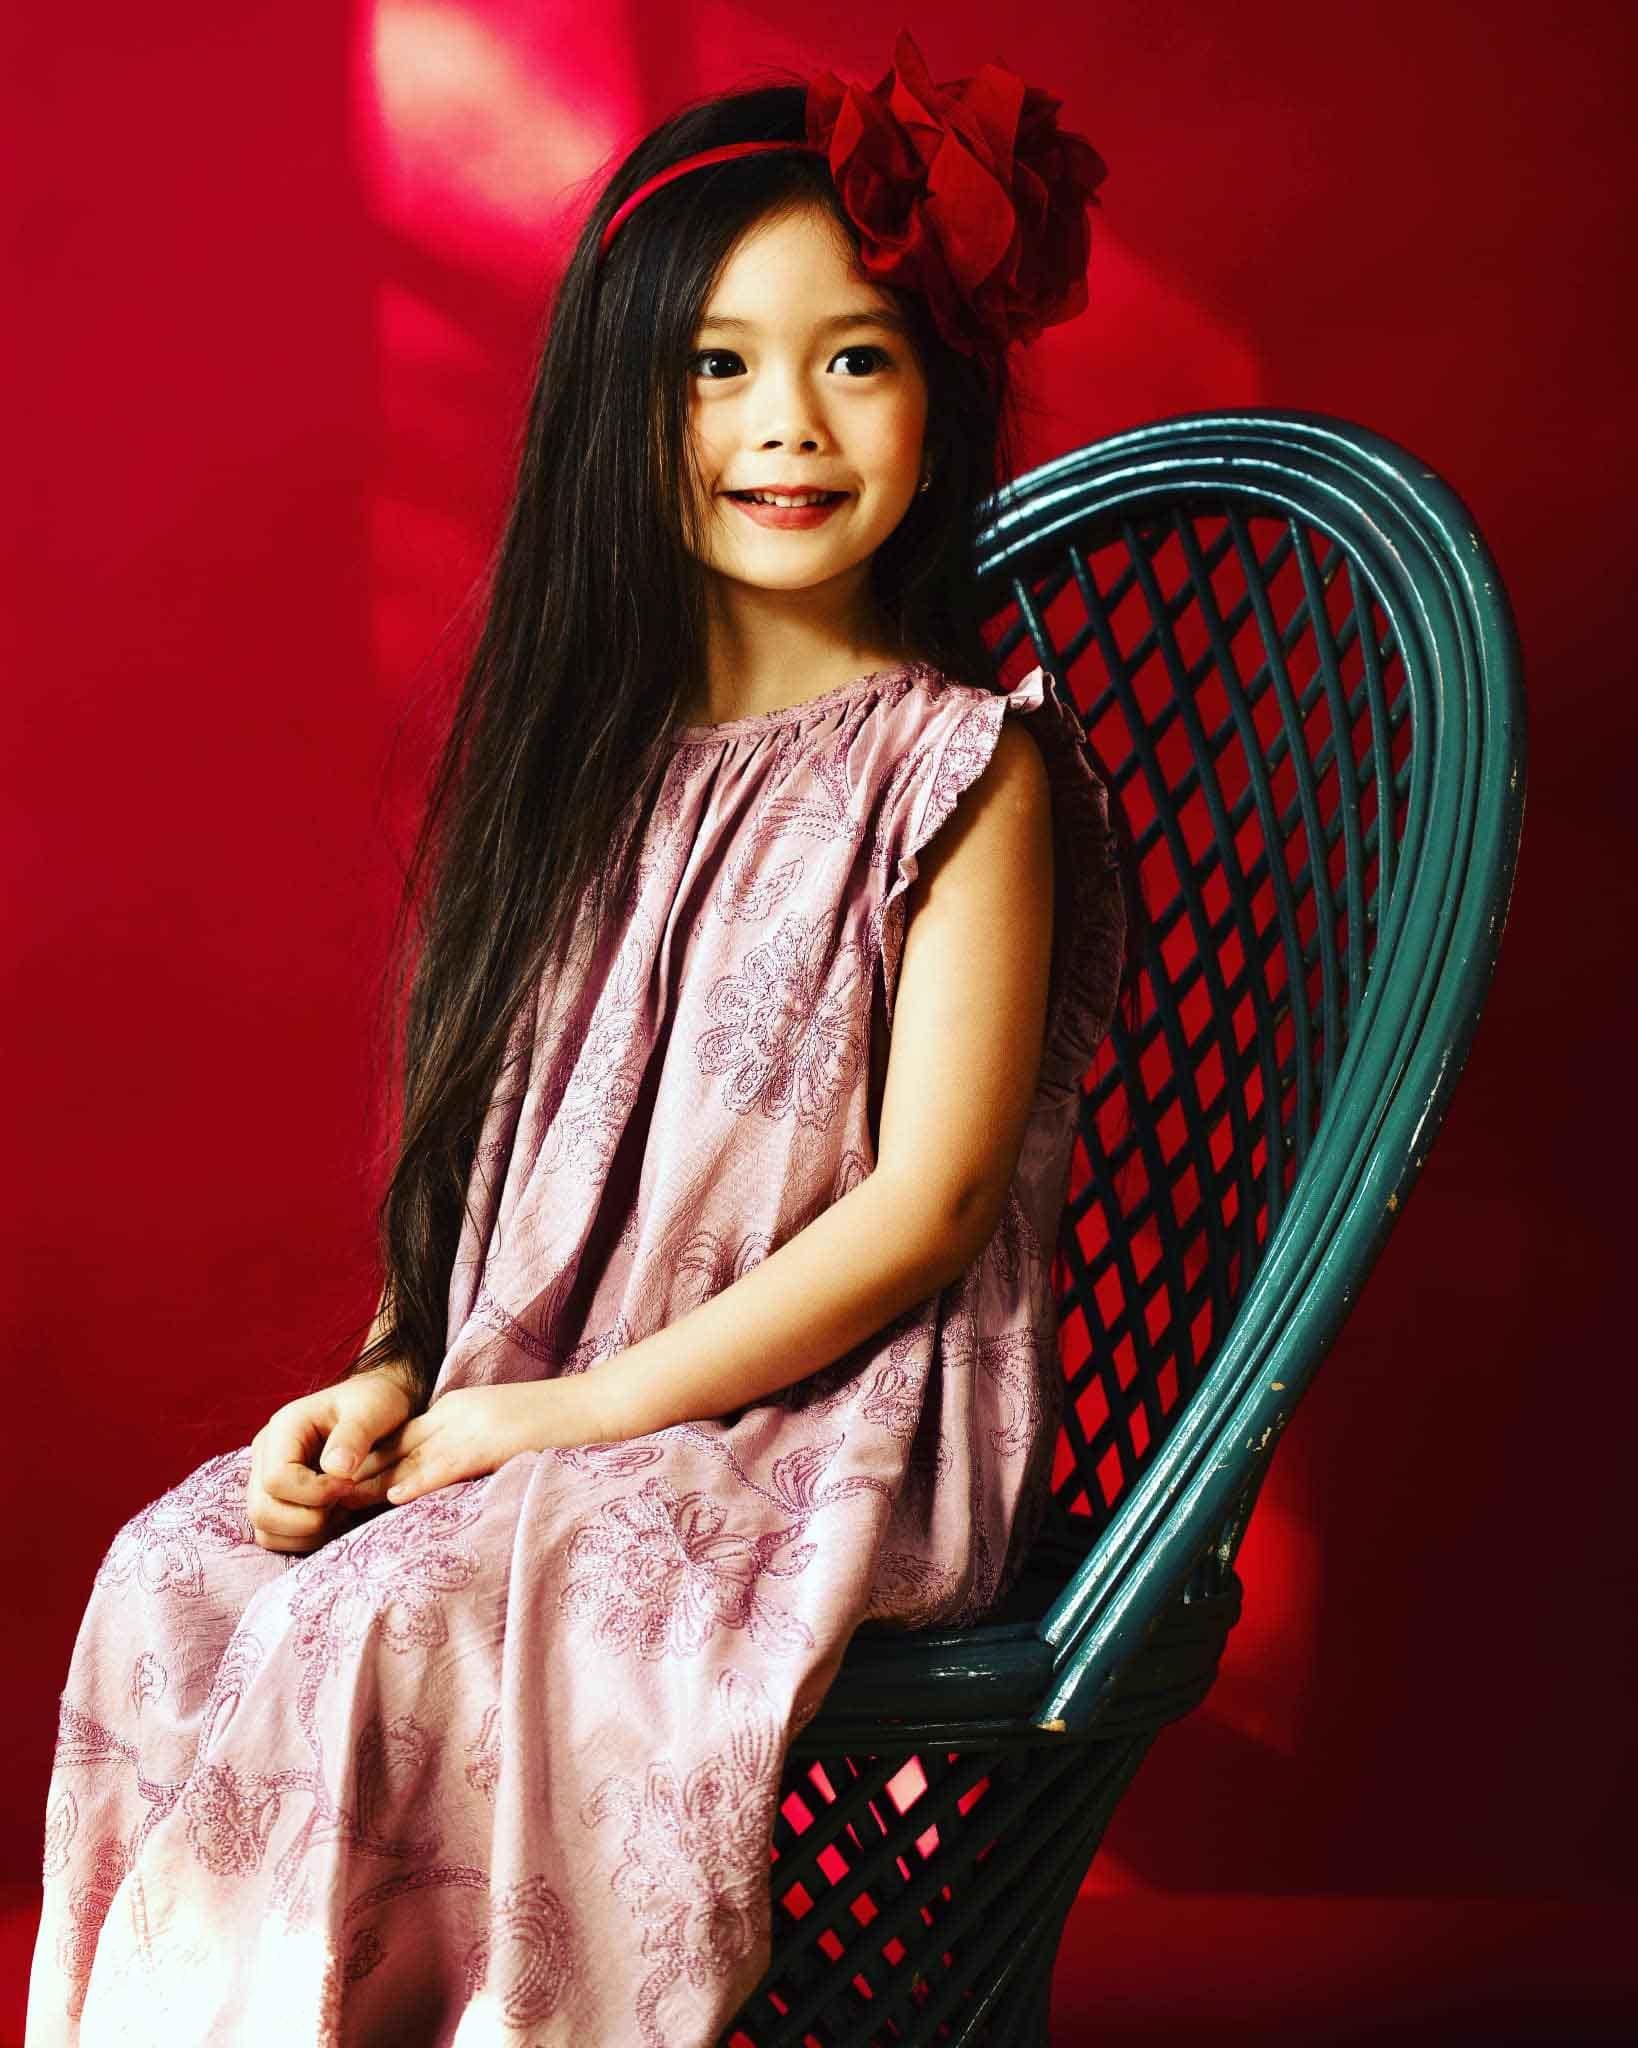 Những nàng công chúa lai xinh đẹp nhà sao Việt-15